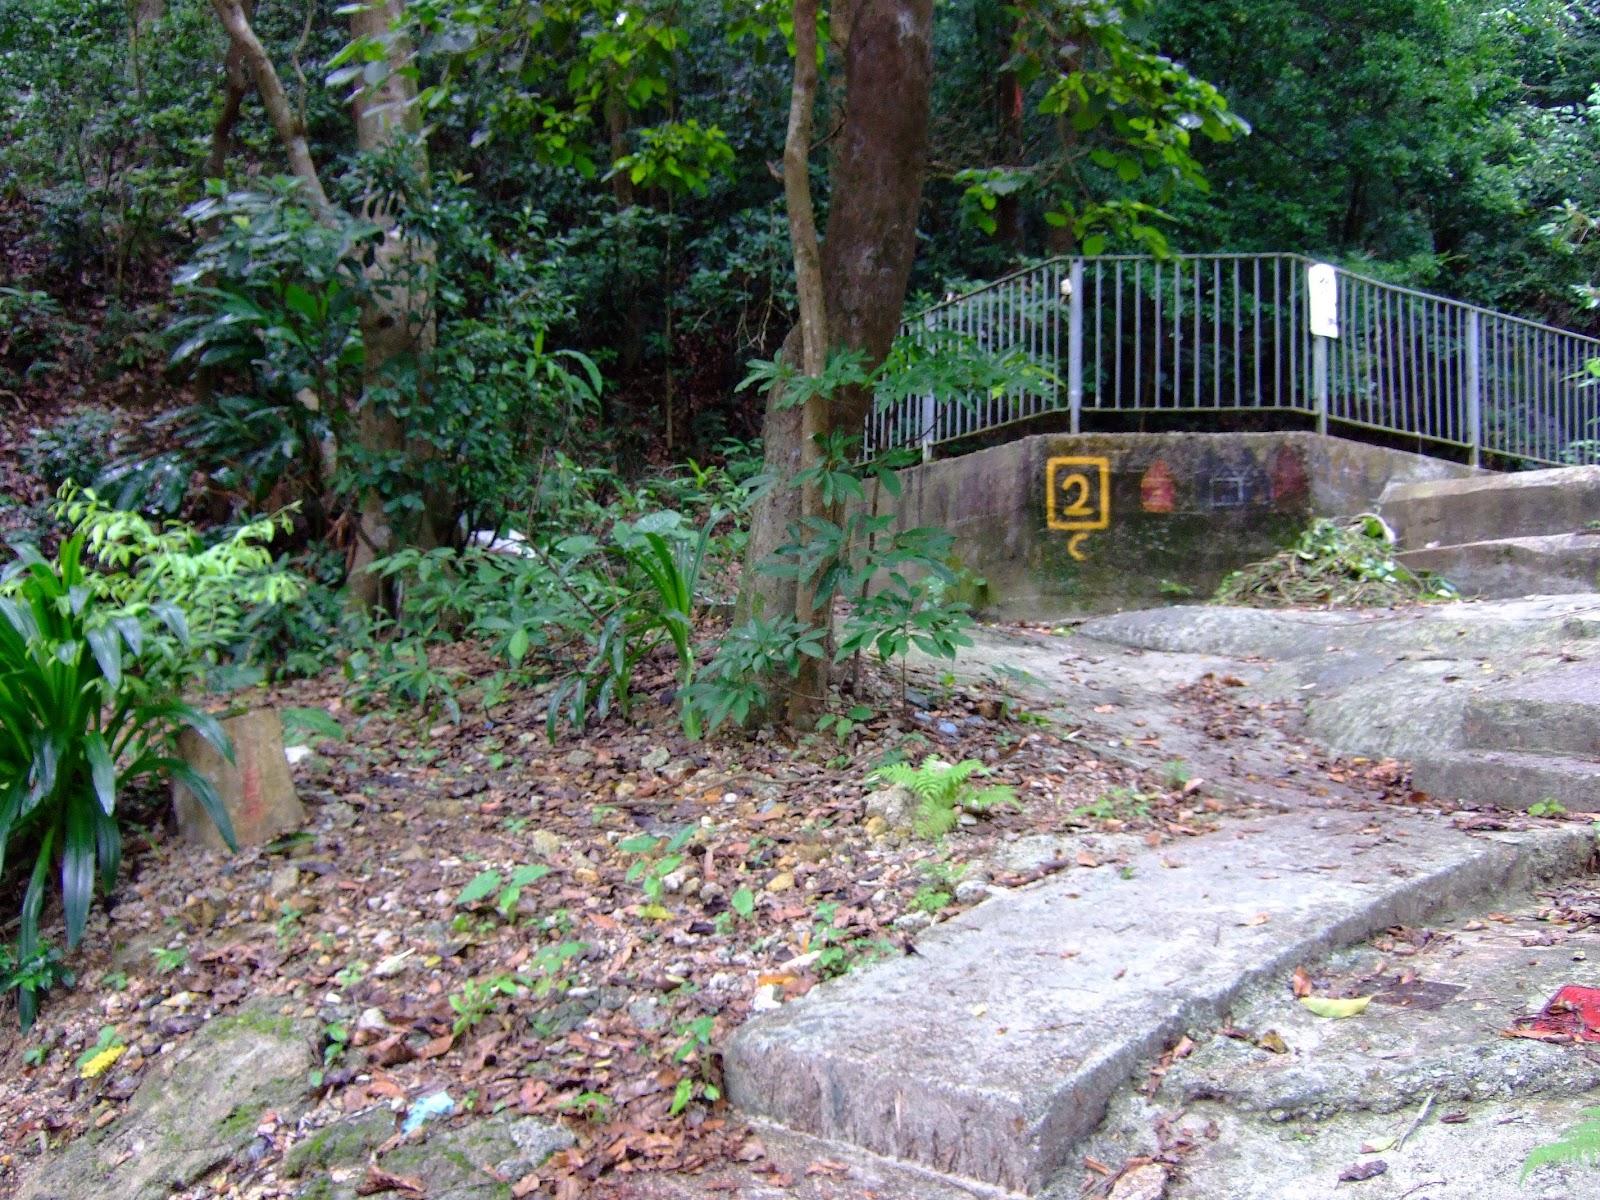 山水小組誌: 寶雲道-荷蘭徑-香港仔自然教育徑